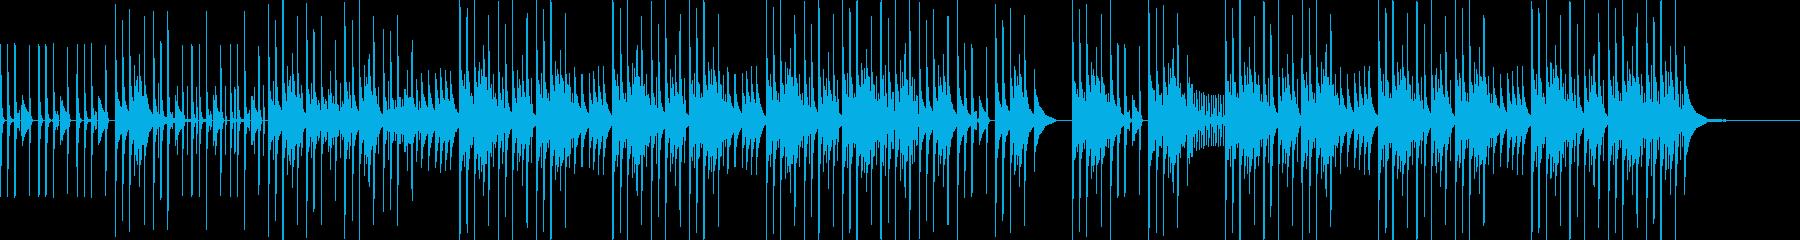 解説などに最適な音数の少ないBGMの再生済みの波形